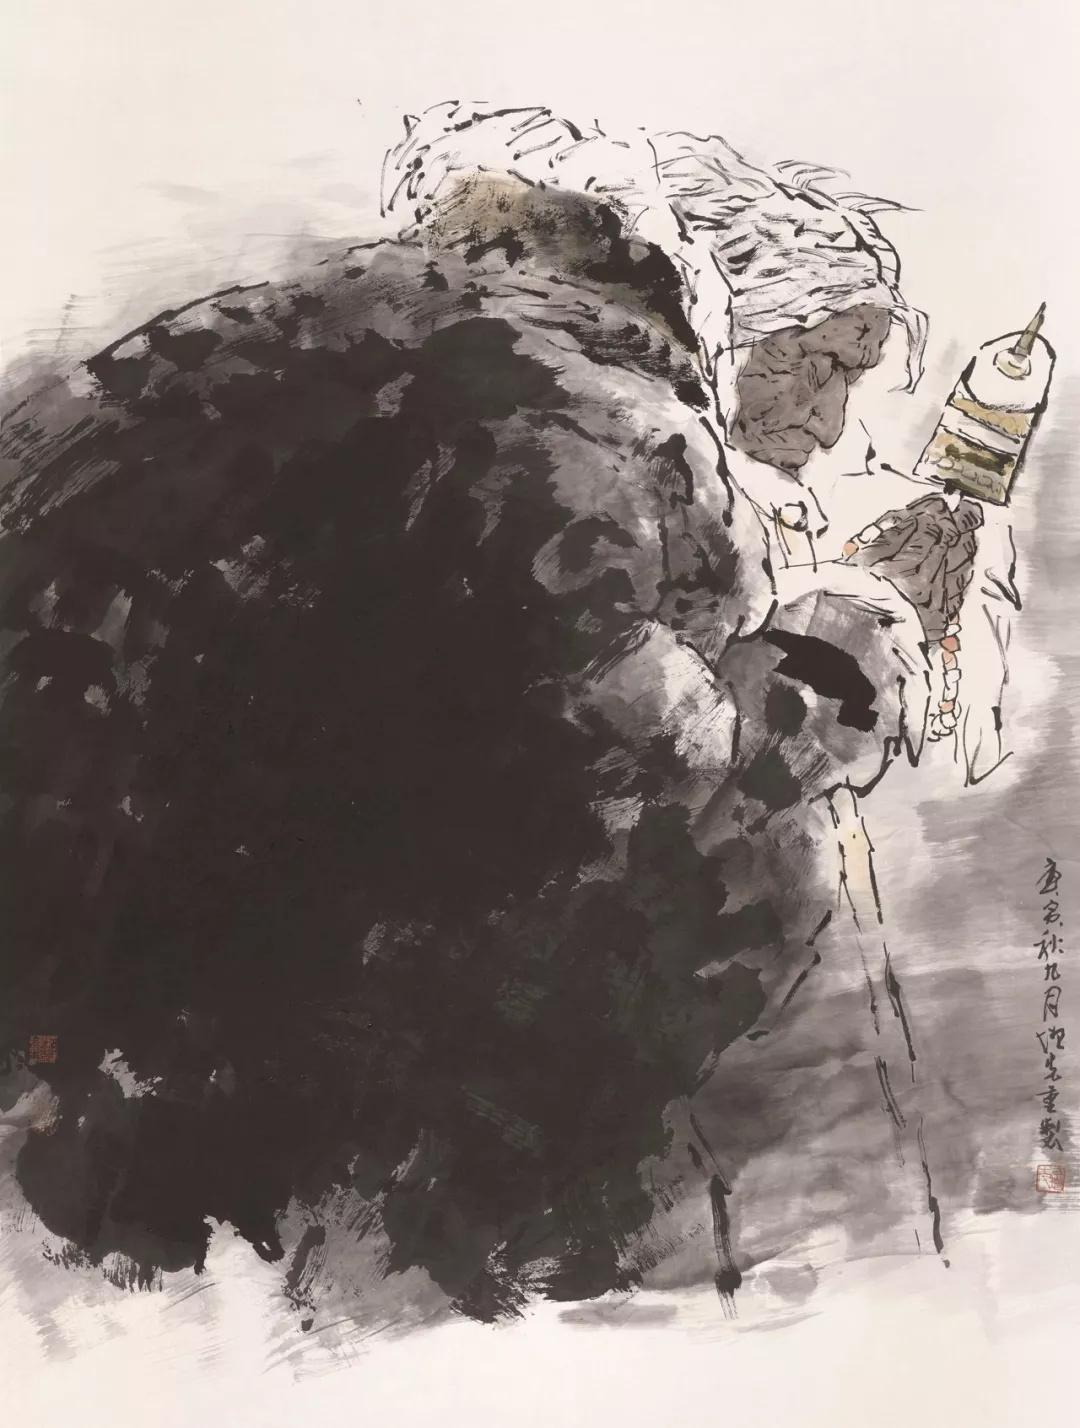 方增先  水墨人物  128×96cm  2010年  中国画